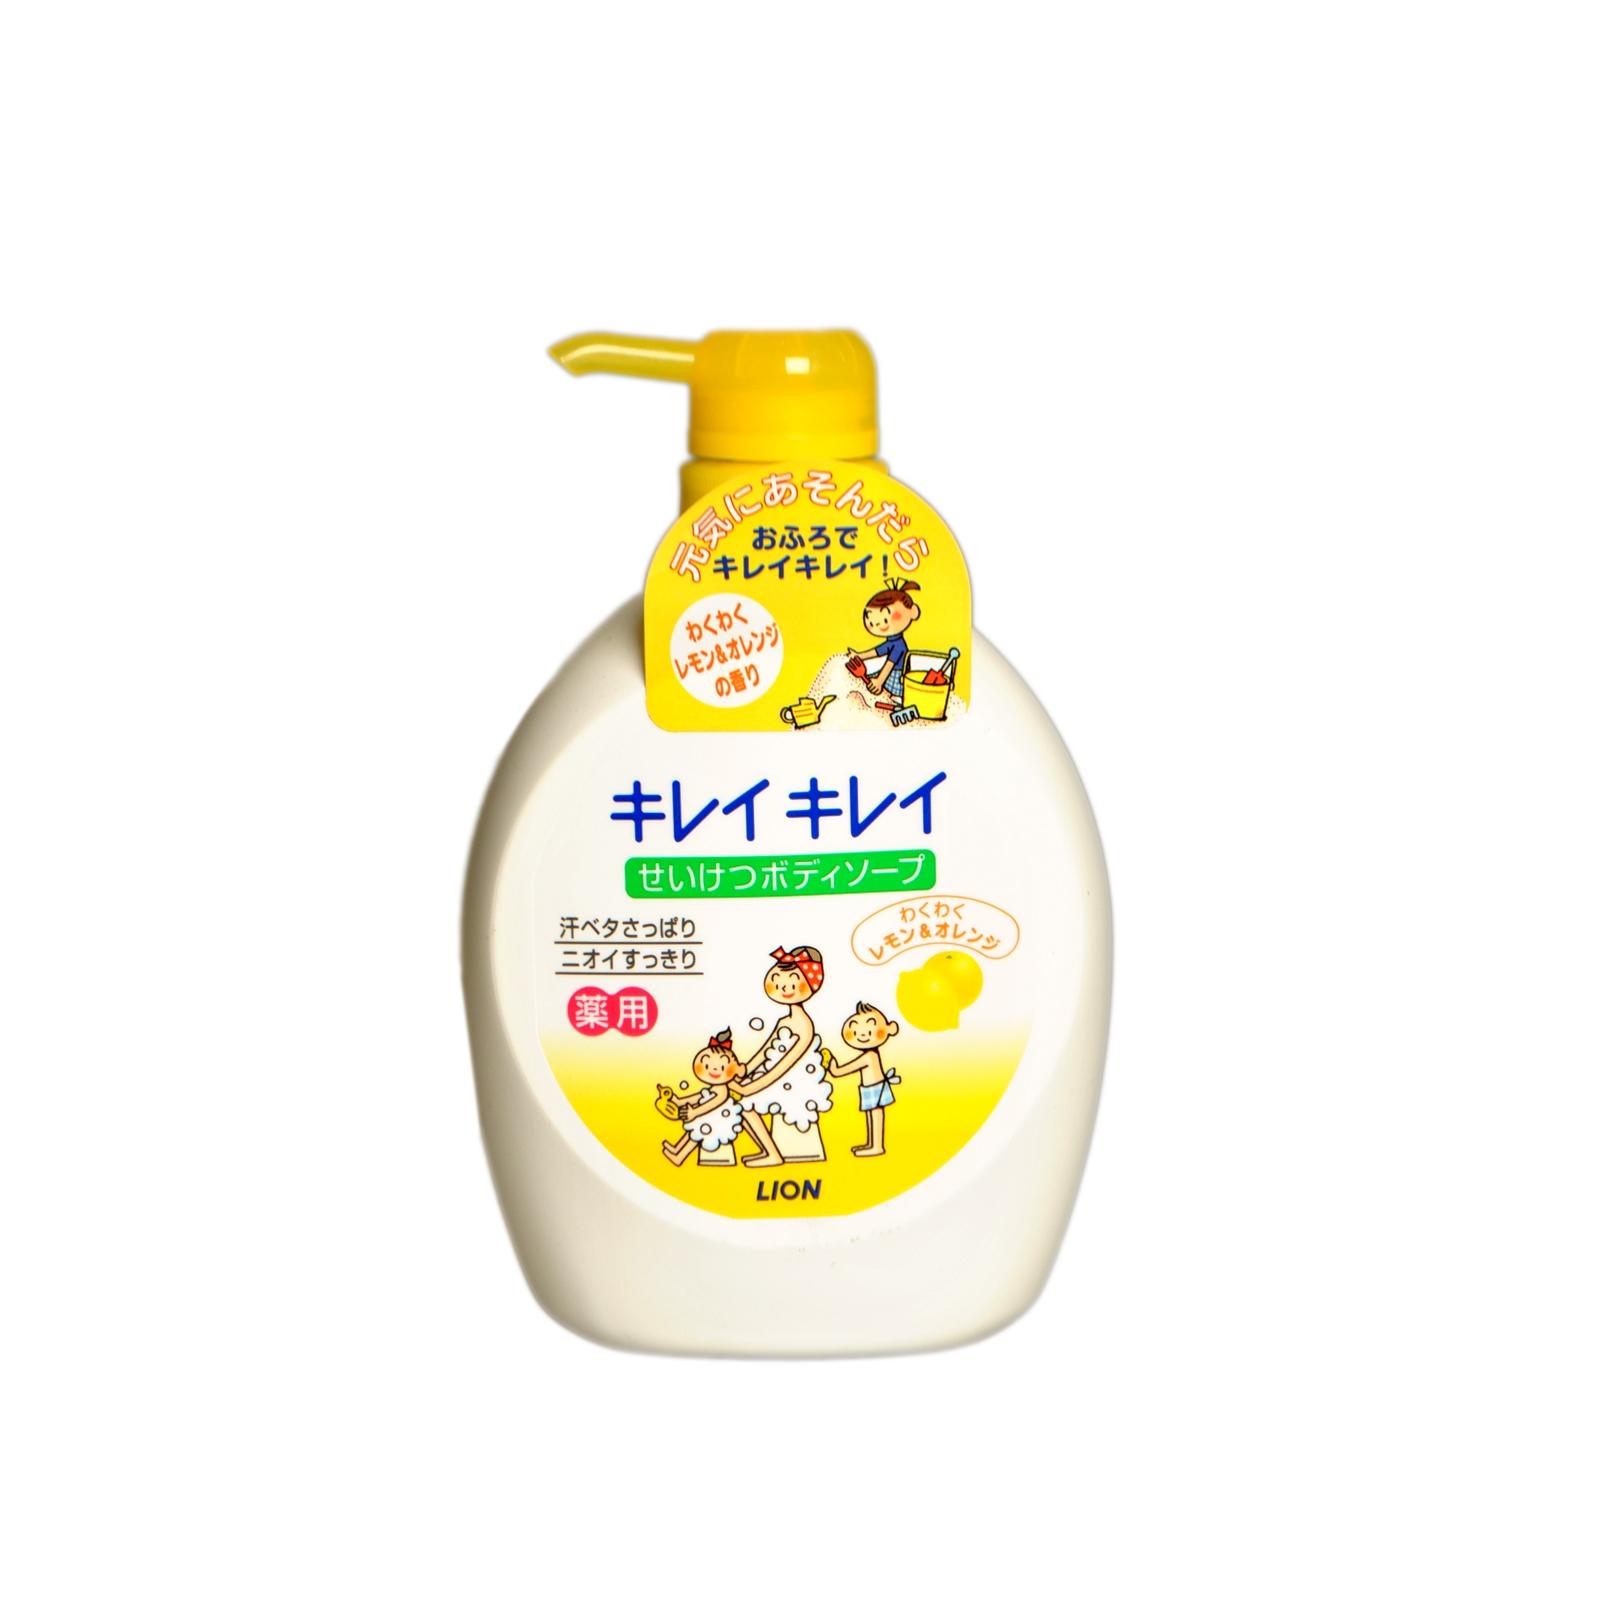 Жидкое мыло для тела Lion KireiKirei (с дезодорирующим эффектом с цитрусовым ароматом для всей семьи) 580 мл<br>